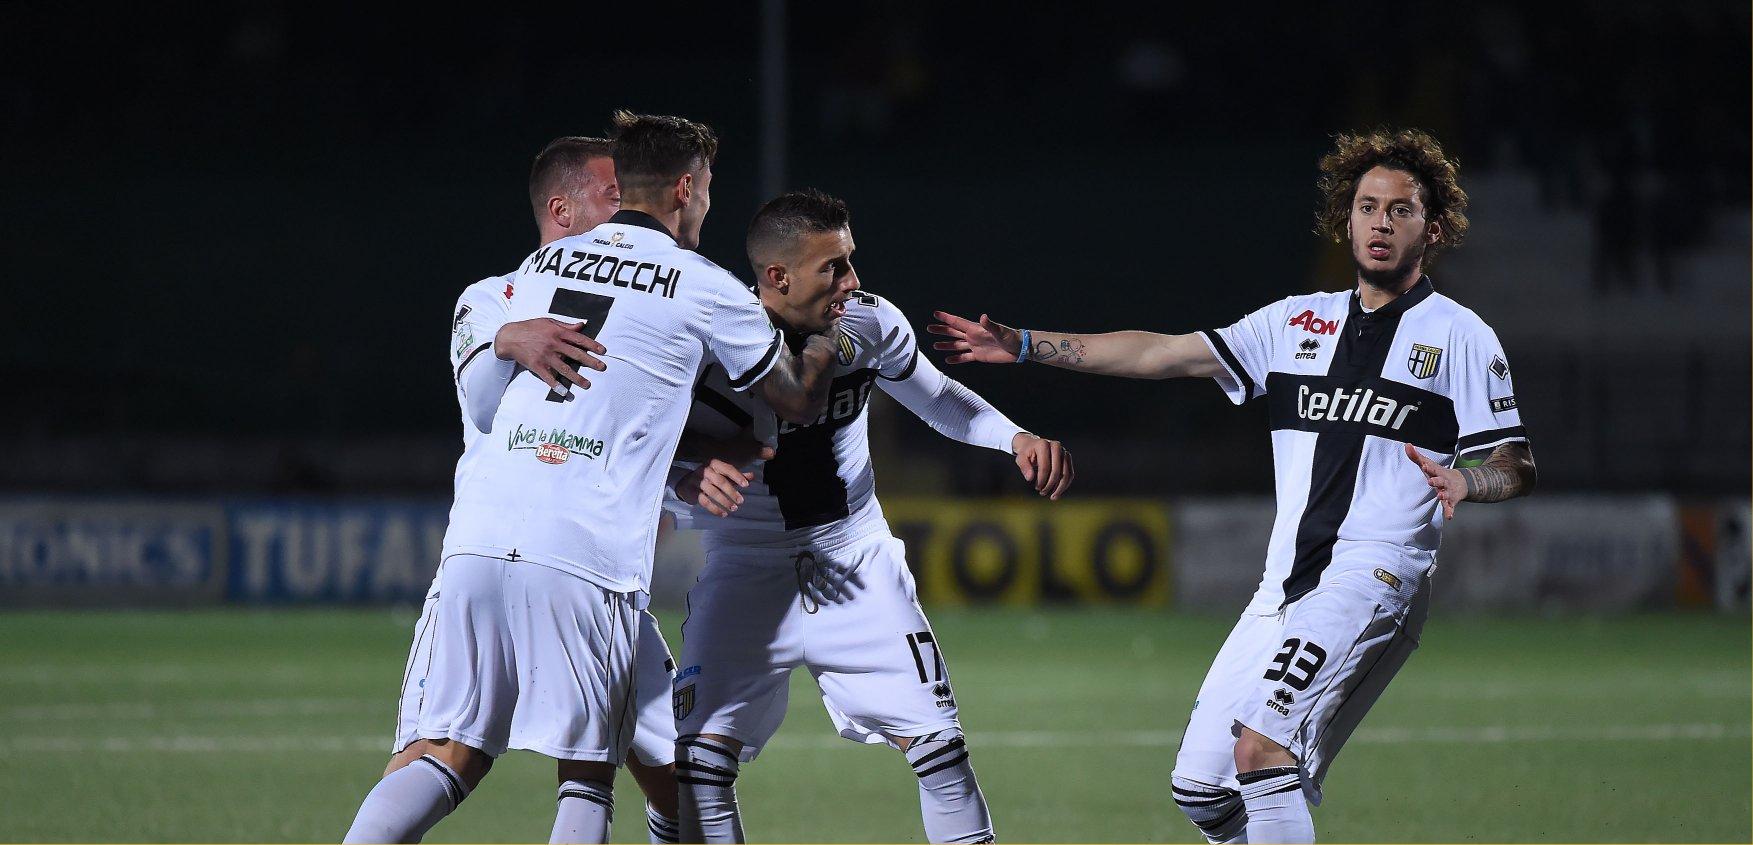 Serie B, Sky Sport Recupero 29a Giornata - Palinsesto e Telecronisti Calcio #NuovoInizio